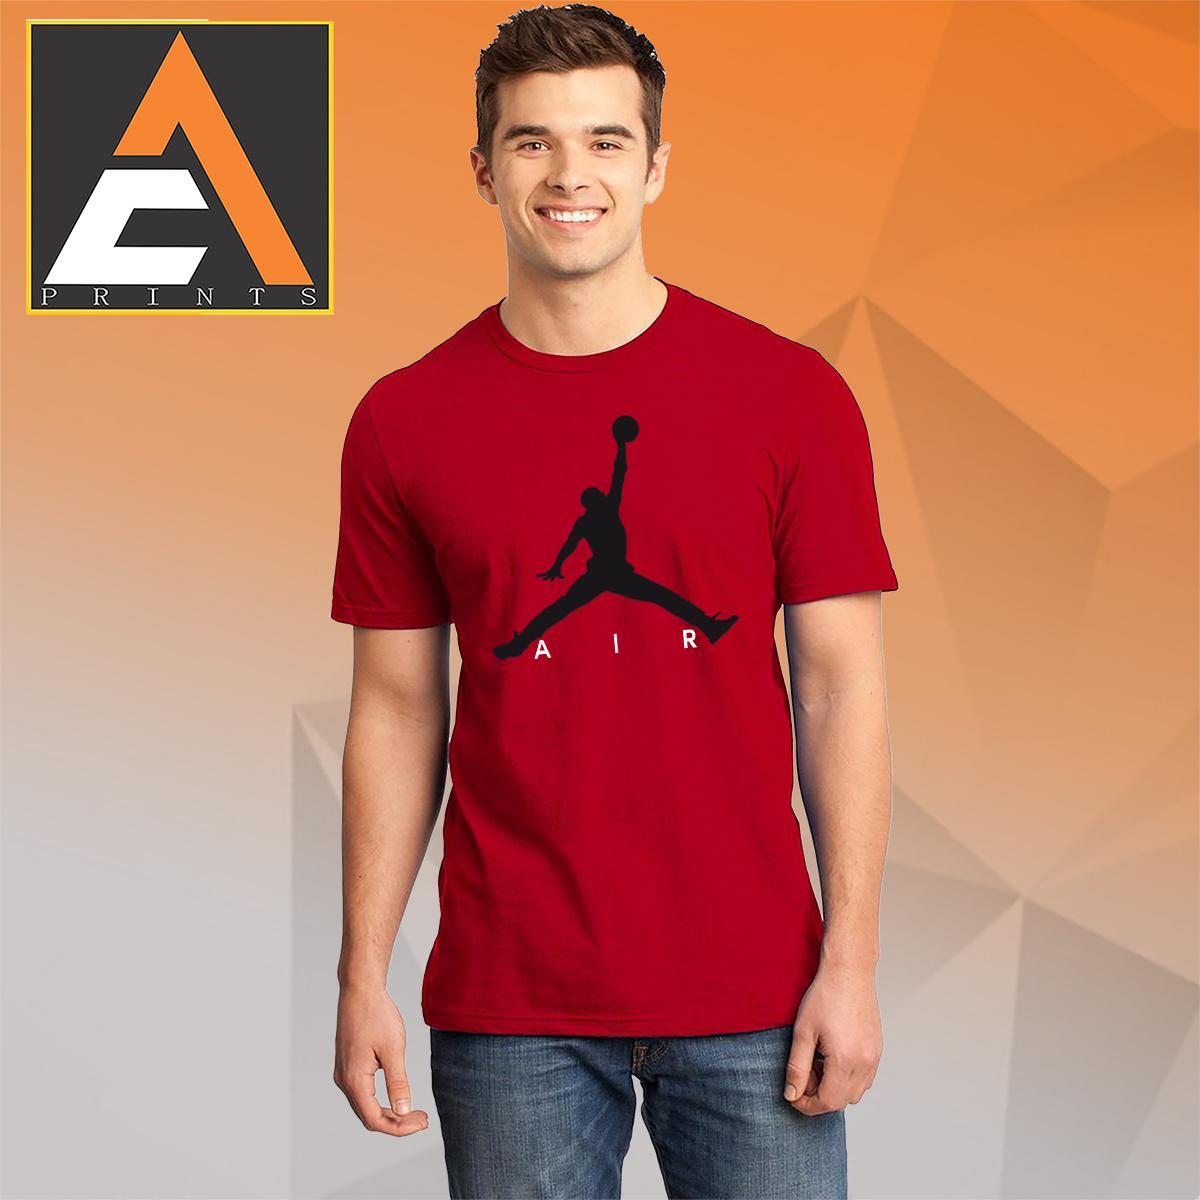 6d871b42e0b409 Jordan shirt Michael Jordan shirt Basketball tshirt Basketball shirt AIR  Shirt Unisex(Men Women